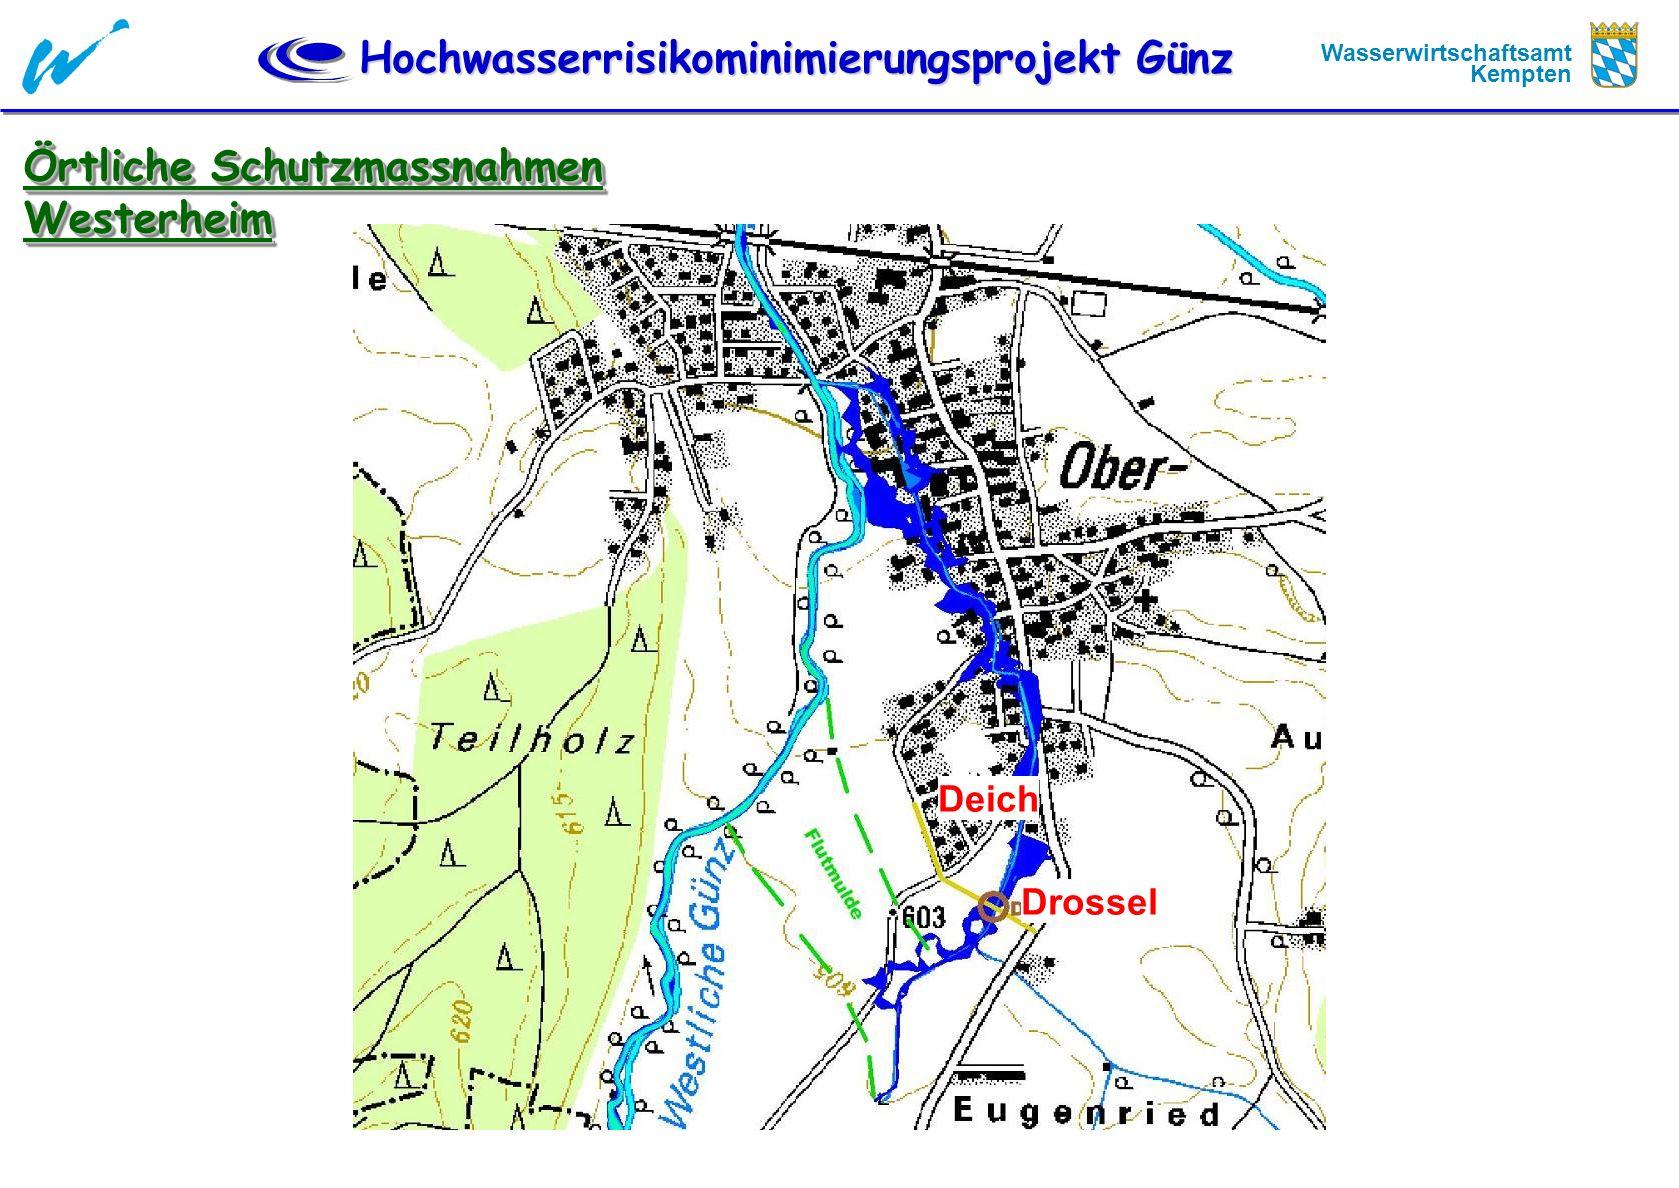 Hochwasserrisikominimierungsprojekt Günz Wasserwirtschaftsamt Kempten Örtliche Schutzmassnahmen Westerheim Westerheim Drossel Deich